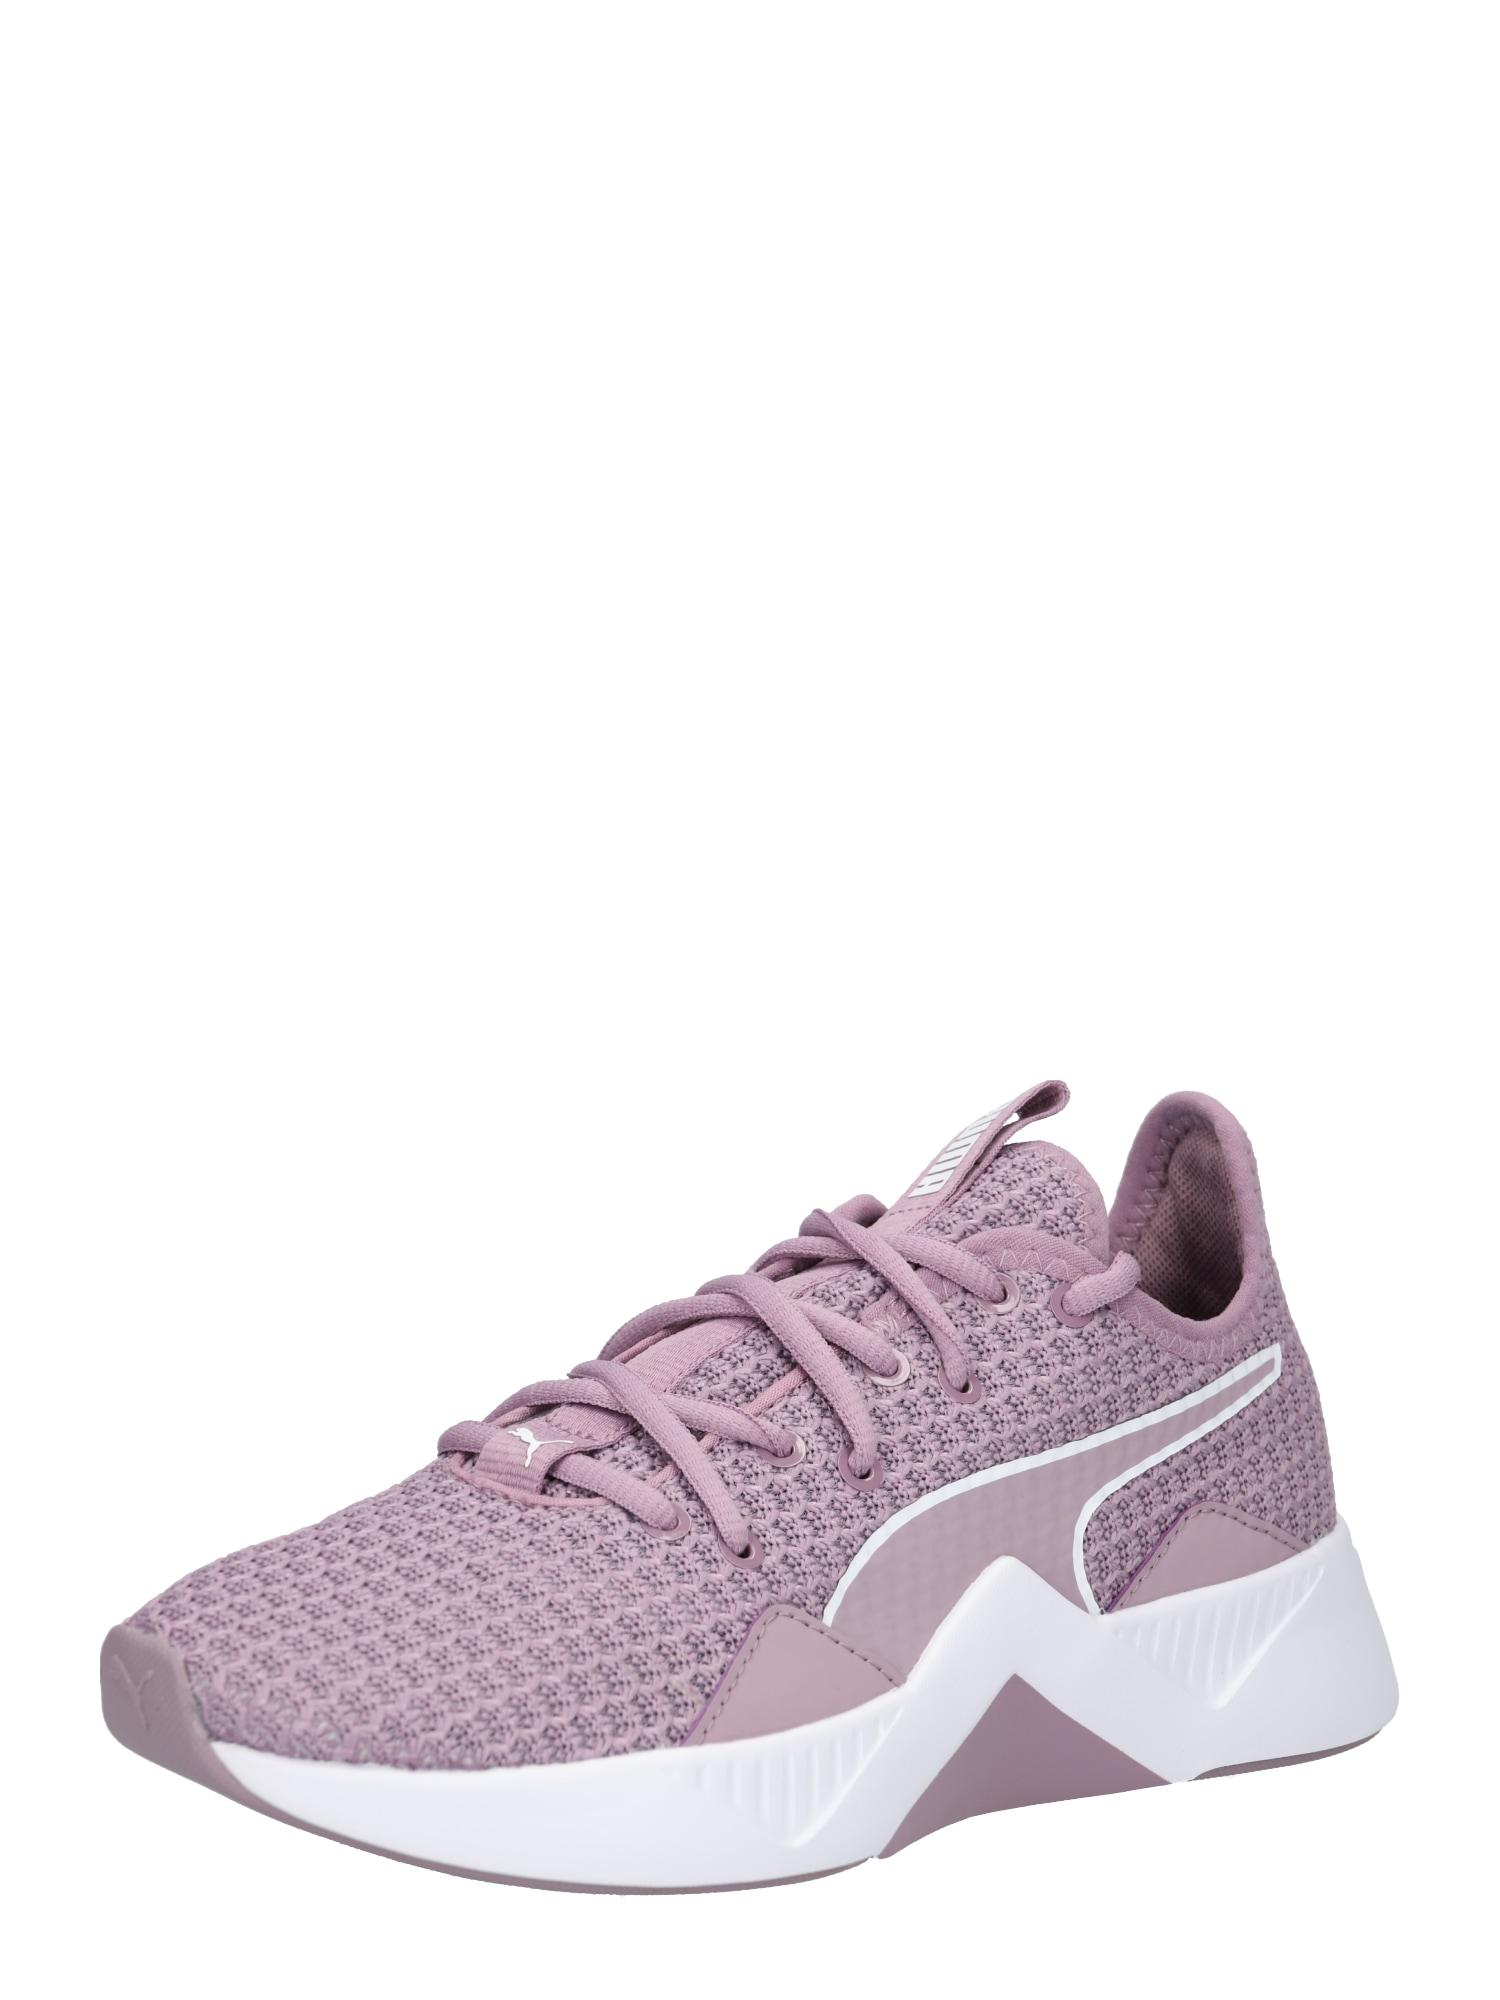 Sportovní boty Incite FS Wns fialová PUMA